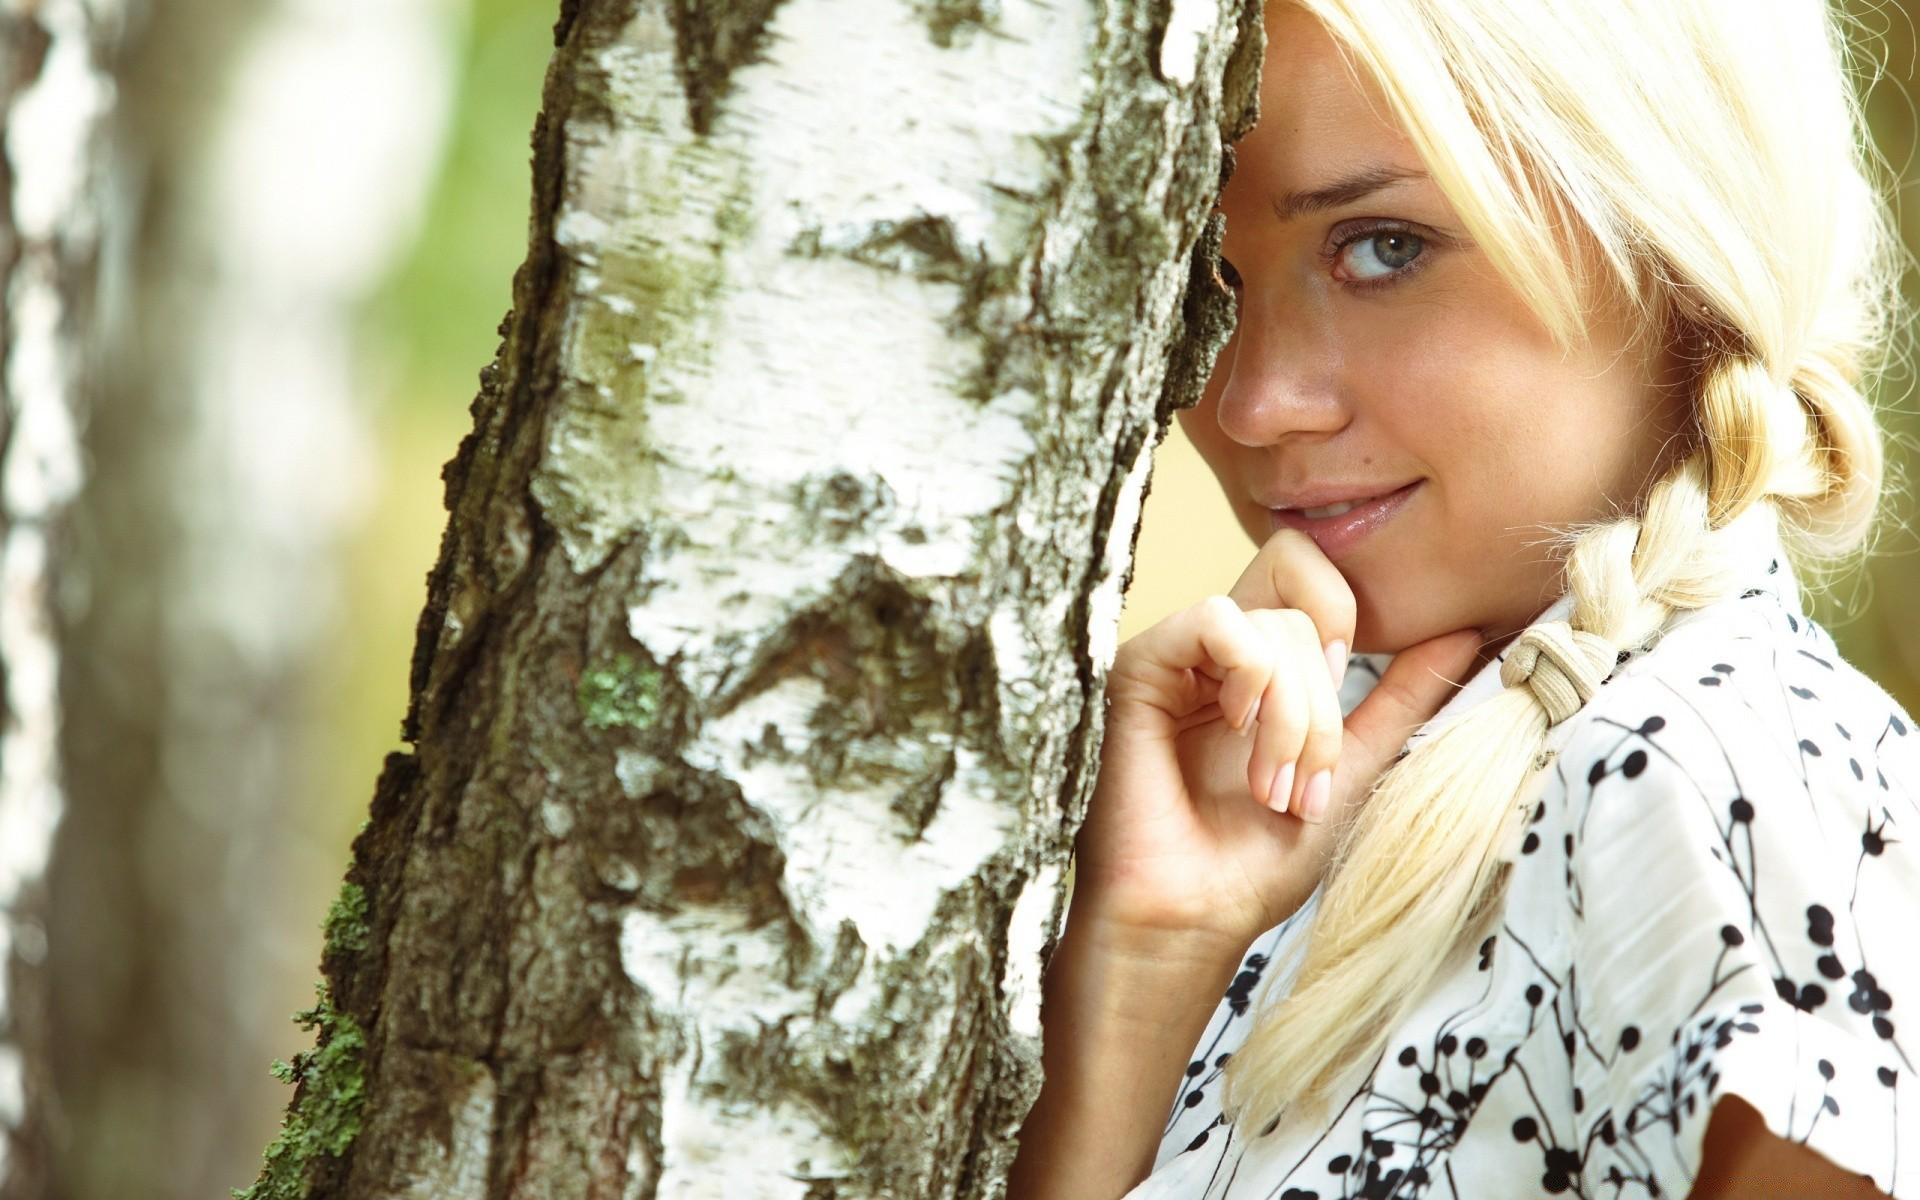 Симпатичная русская телка, Секс русских девушек и парней 13 фотография